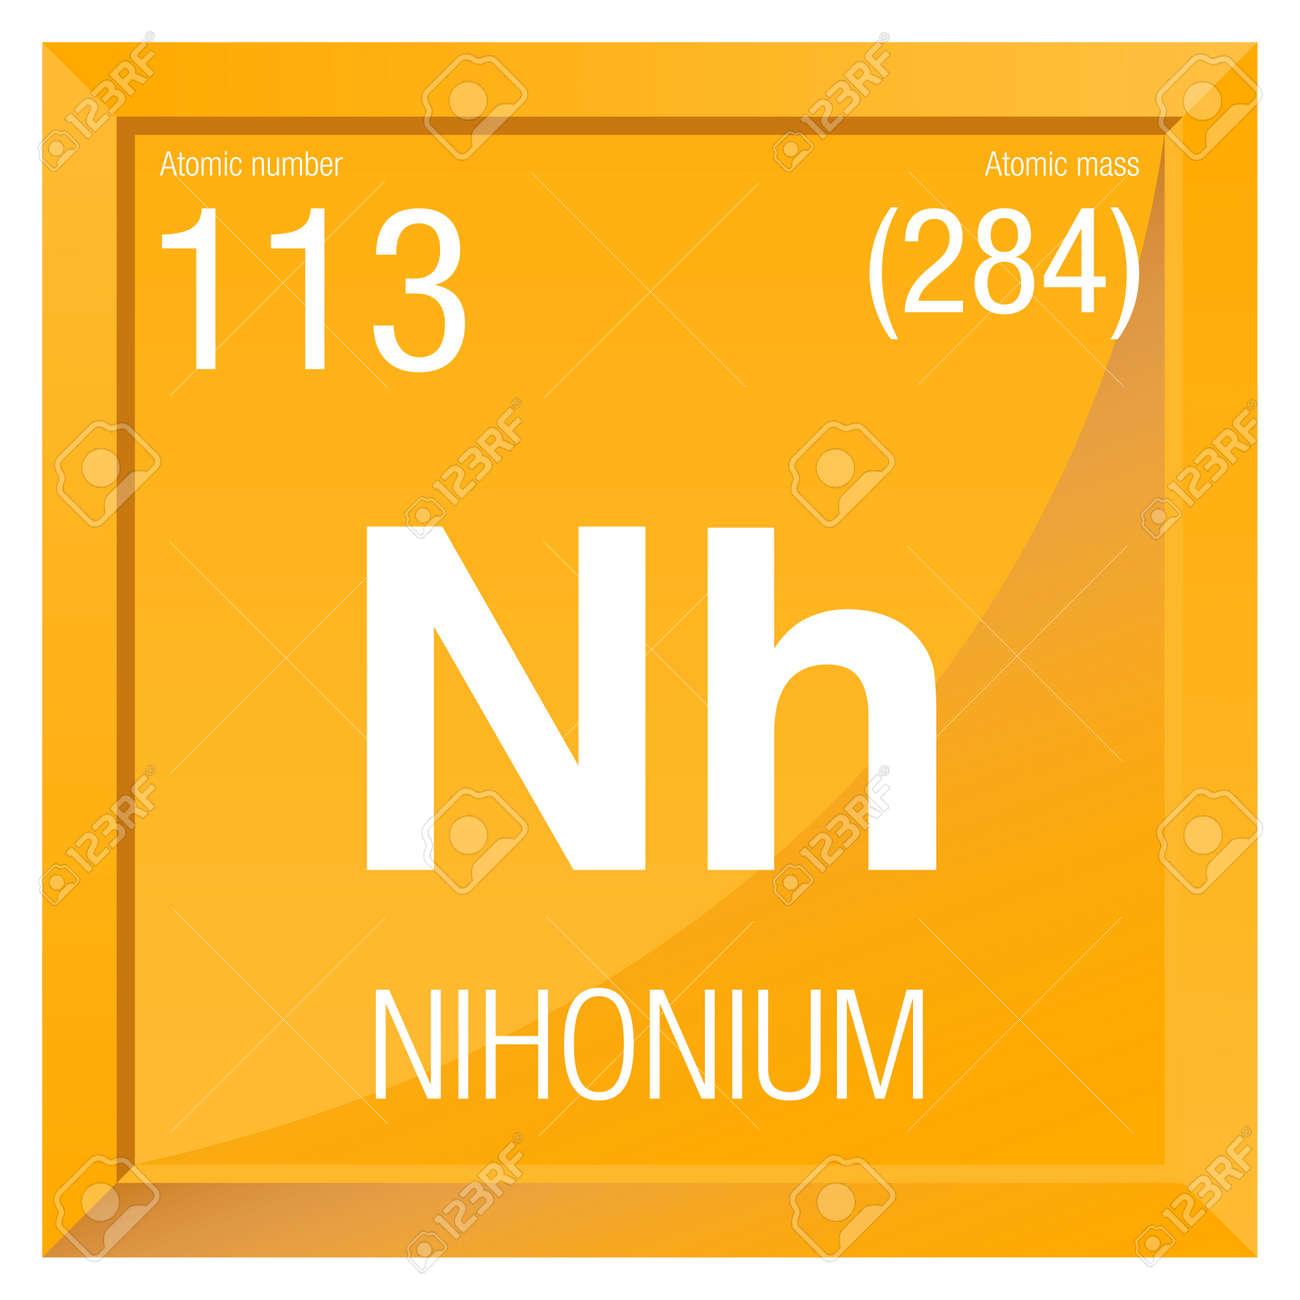 Nihonium smbolo el elemento nmero 113 de la tabla peridica de foto de archivo nihonium smbolo el elemento nmero 113 de la tabla peridica de los elementos qumica marco cuadrado con el fondo amarillo urtaz Gallery